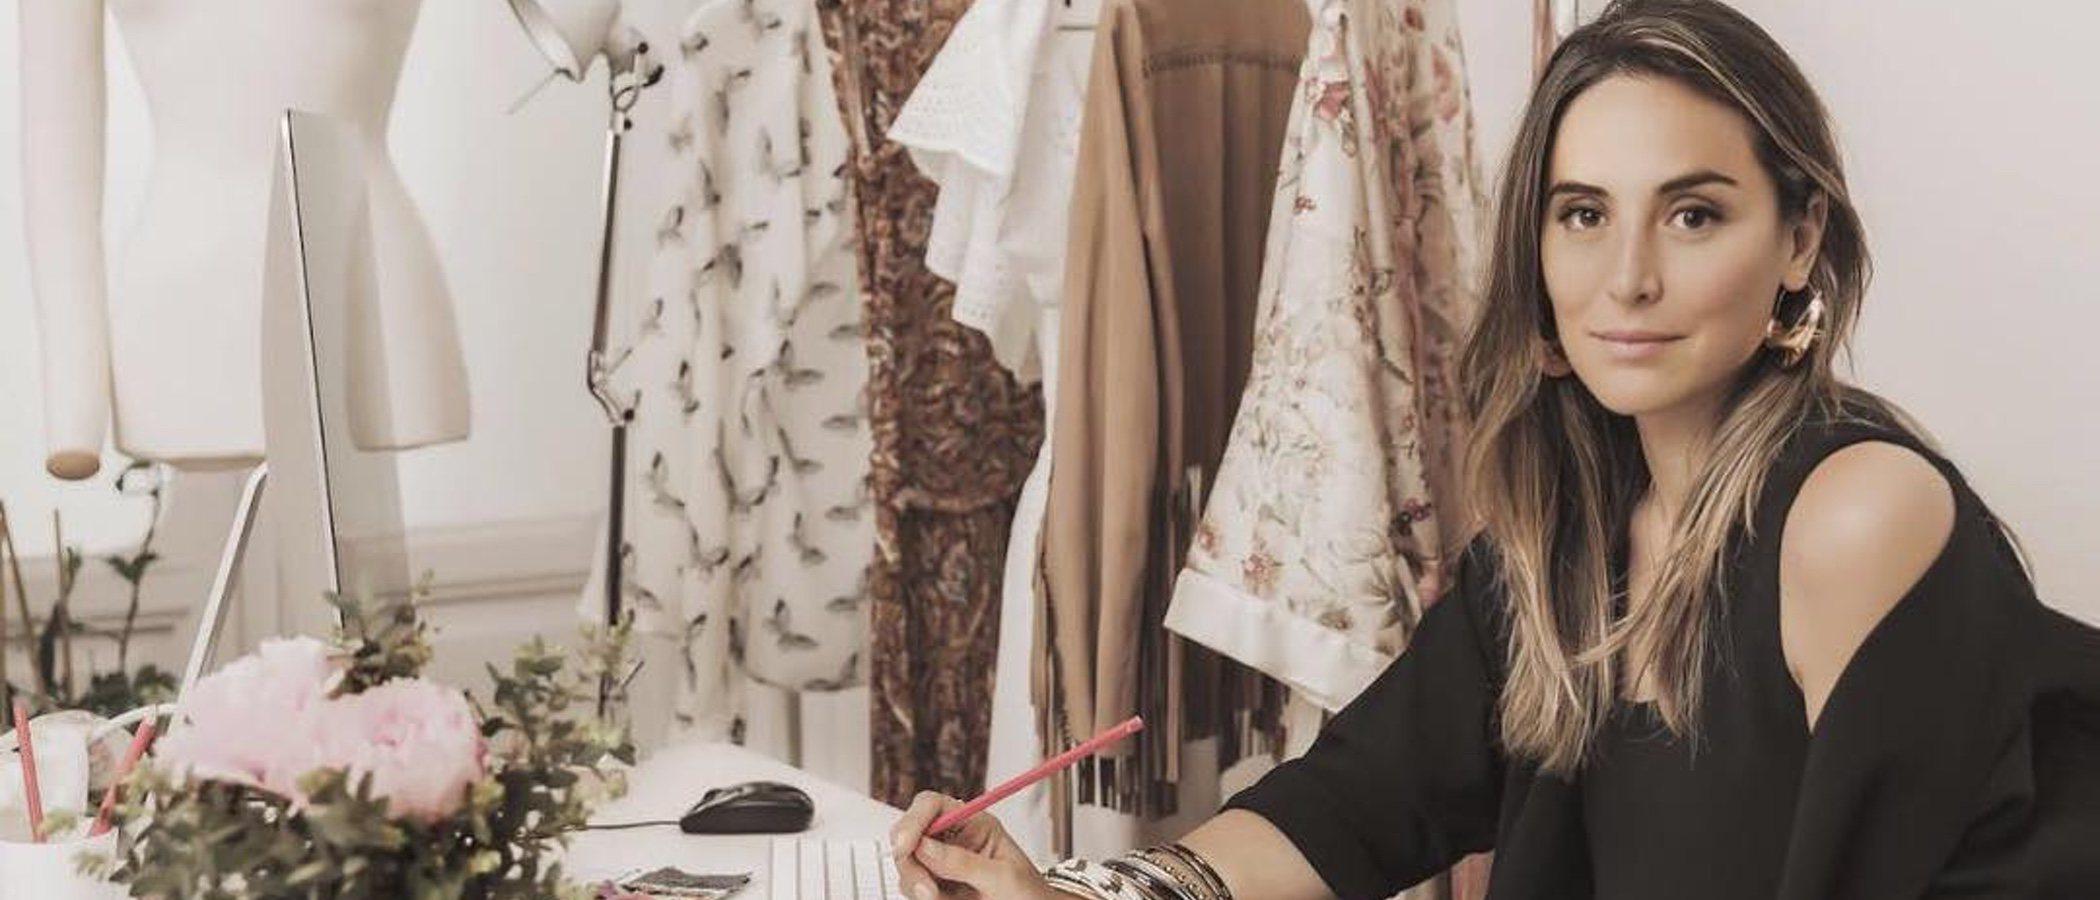 Tamara Falcó se sumerge en el mundo empresarial con su propia línea de ropa